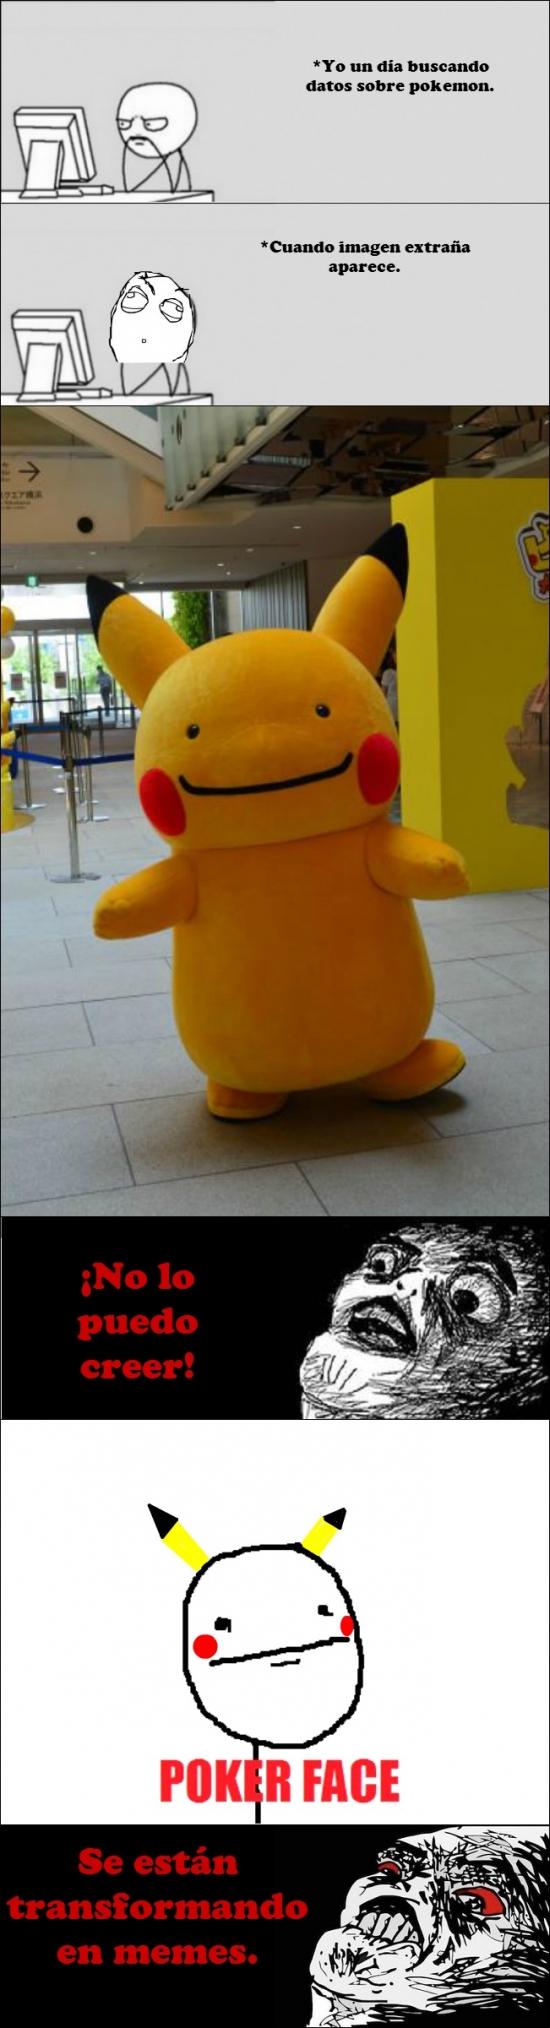 Inglip - La transformación de Pokémon está tomando un rumbo inesperado